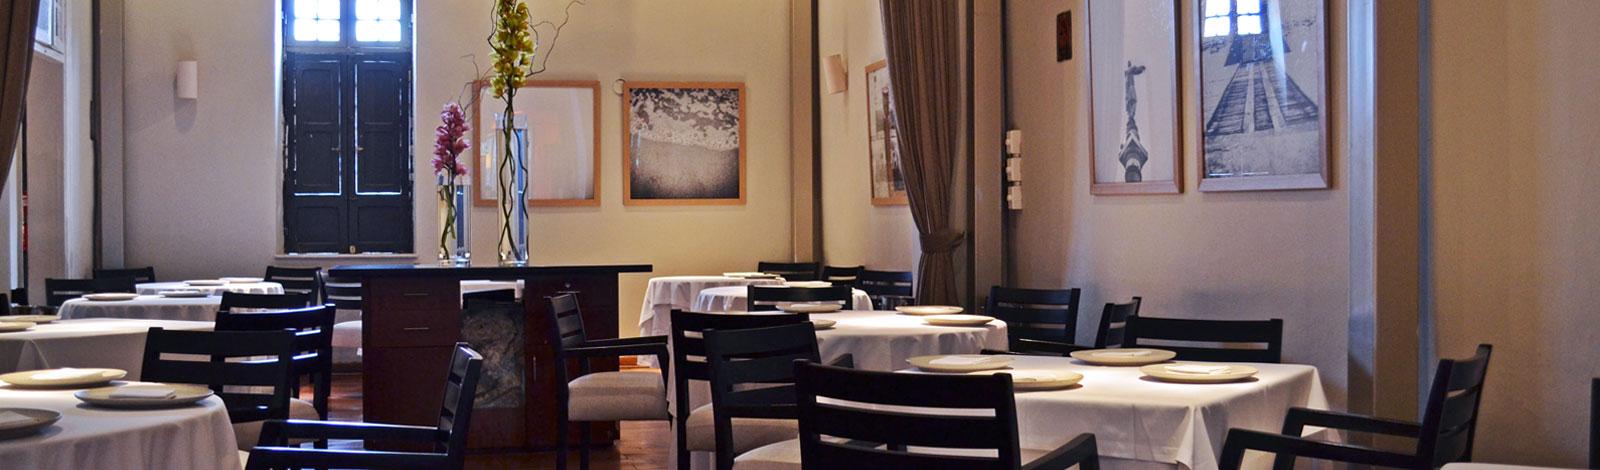 salão pricopal restaurante astrid y gastón